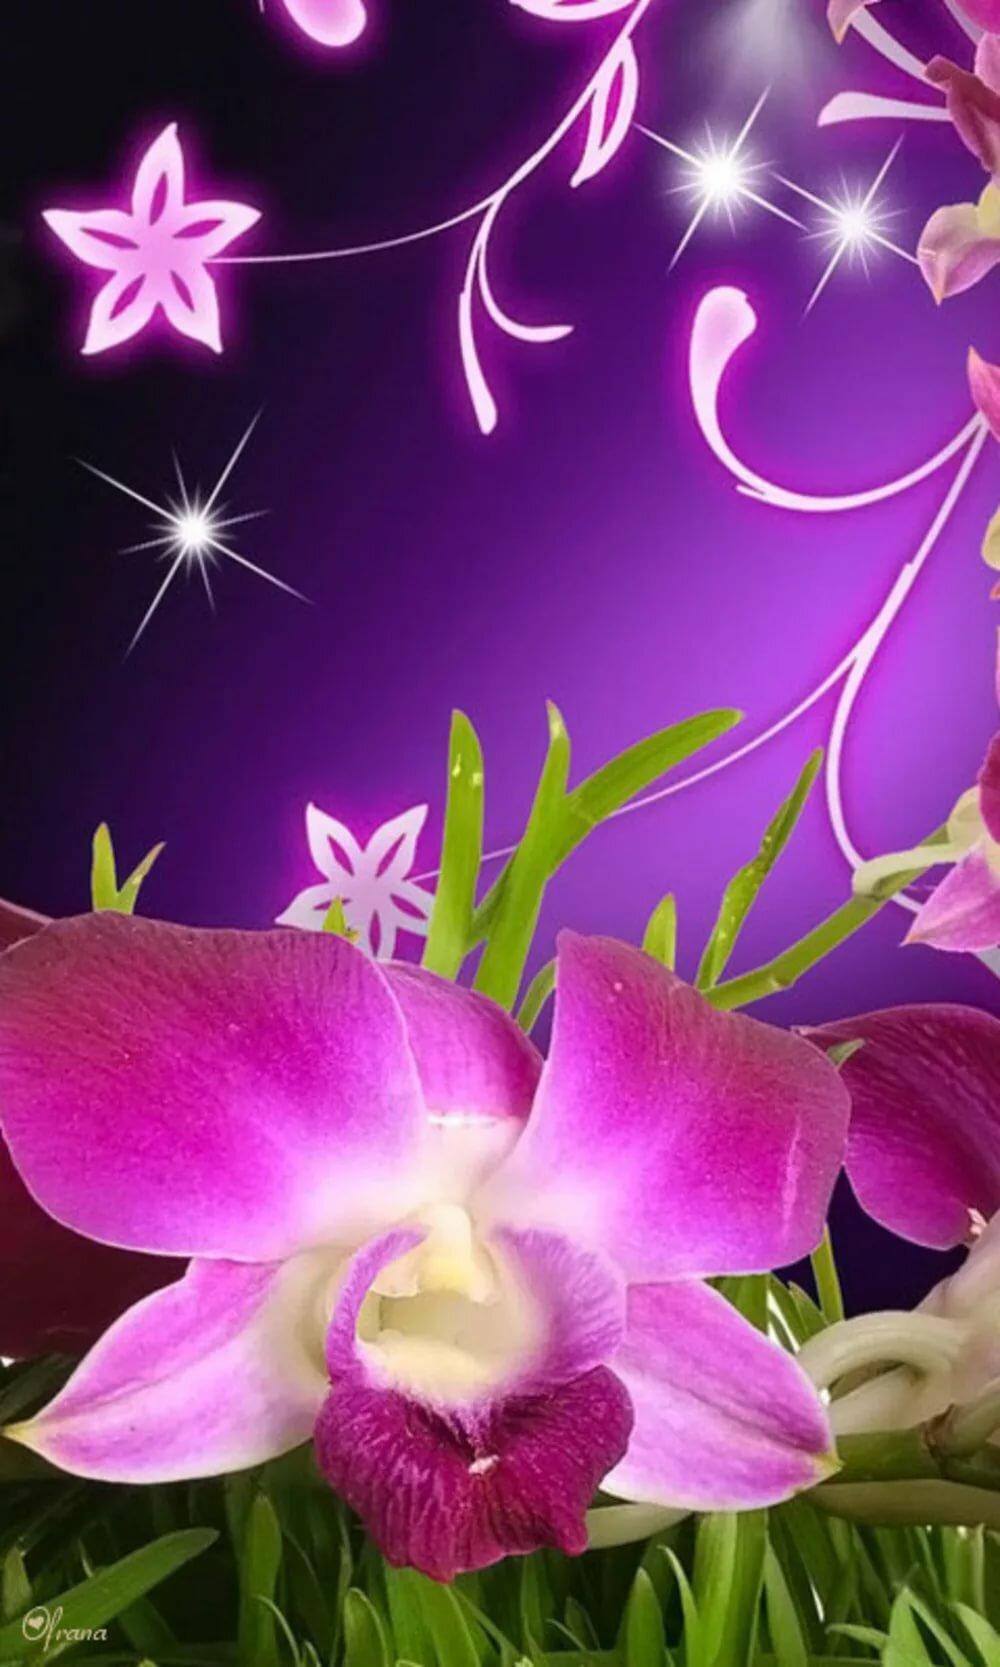 картинки на дисплей телефона цветы показанный фильм очень